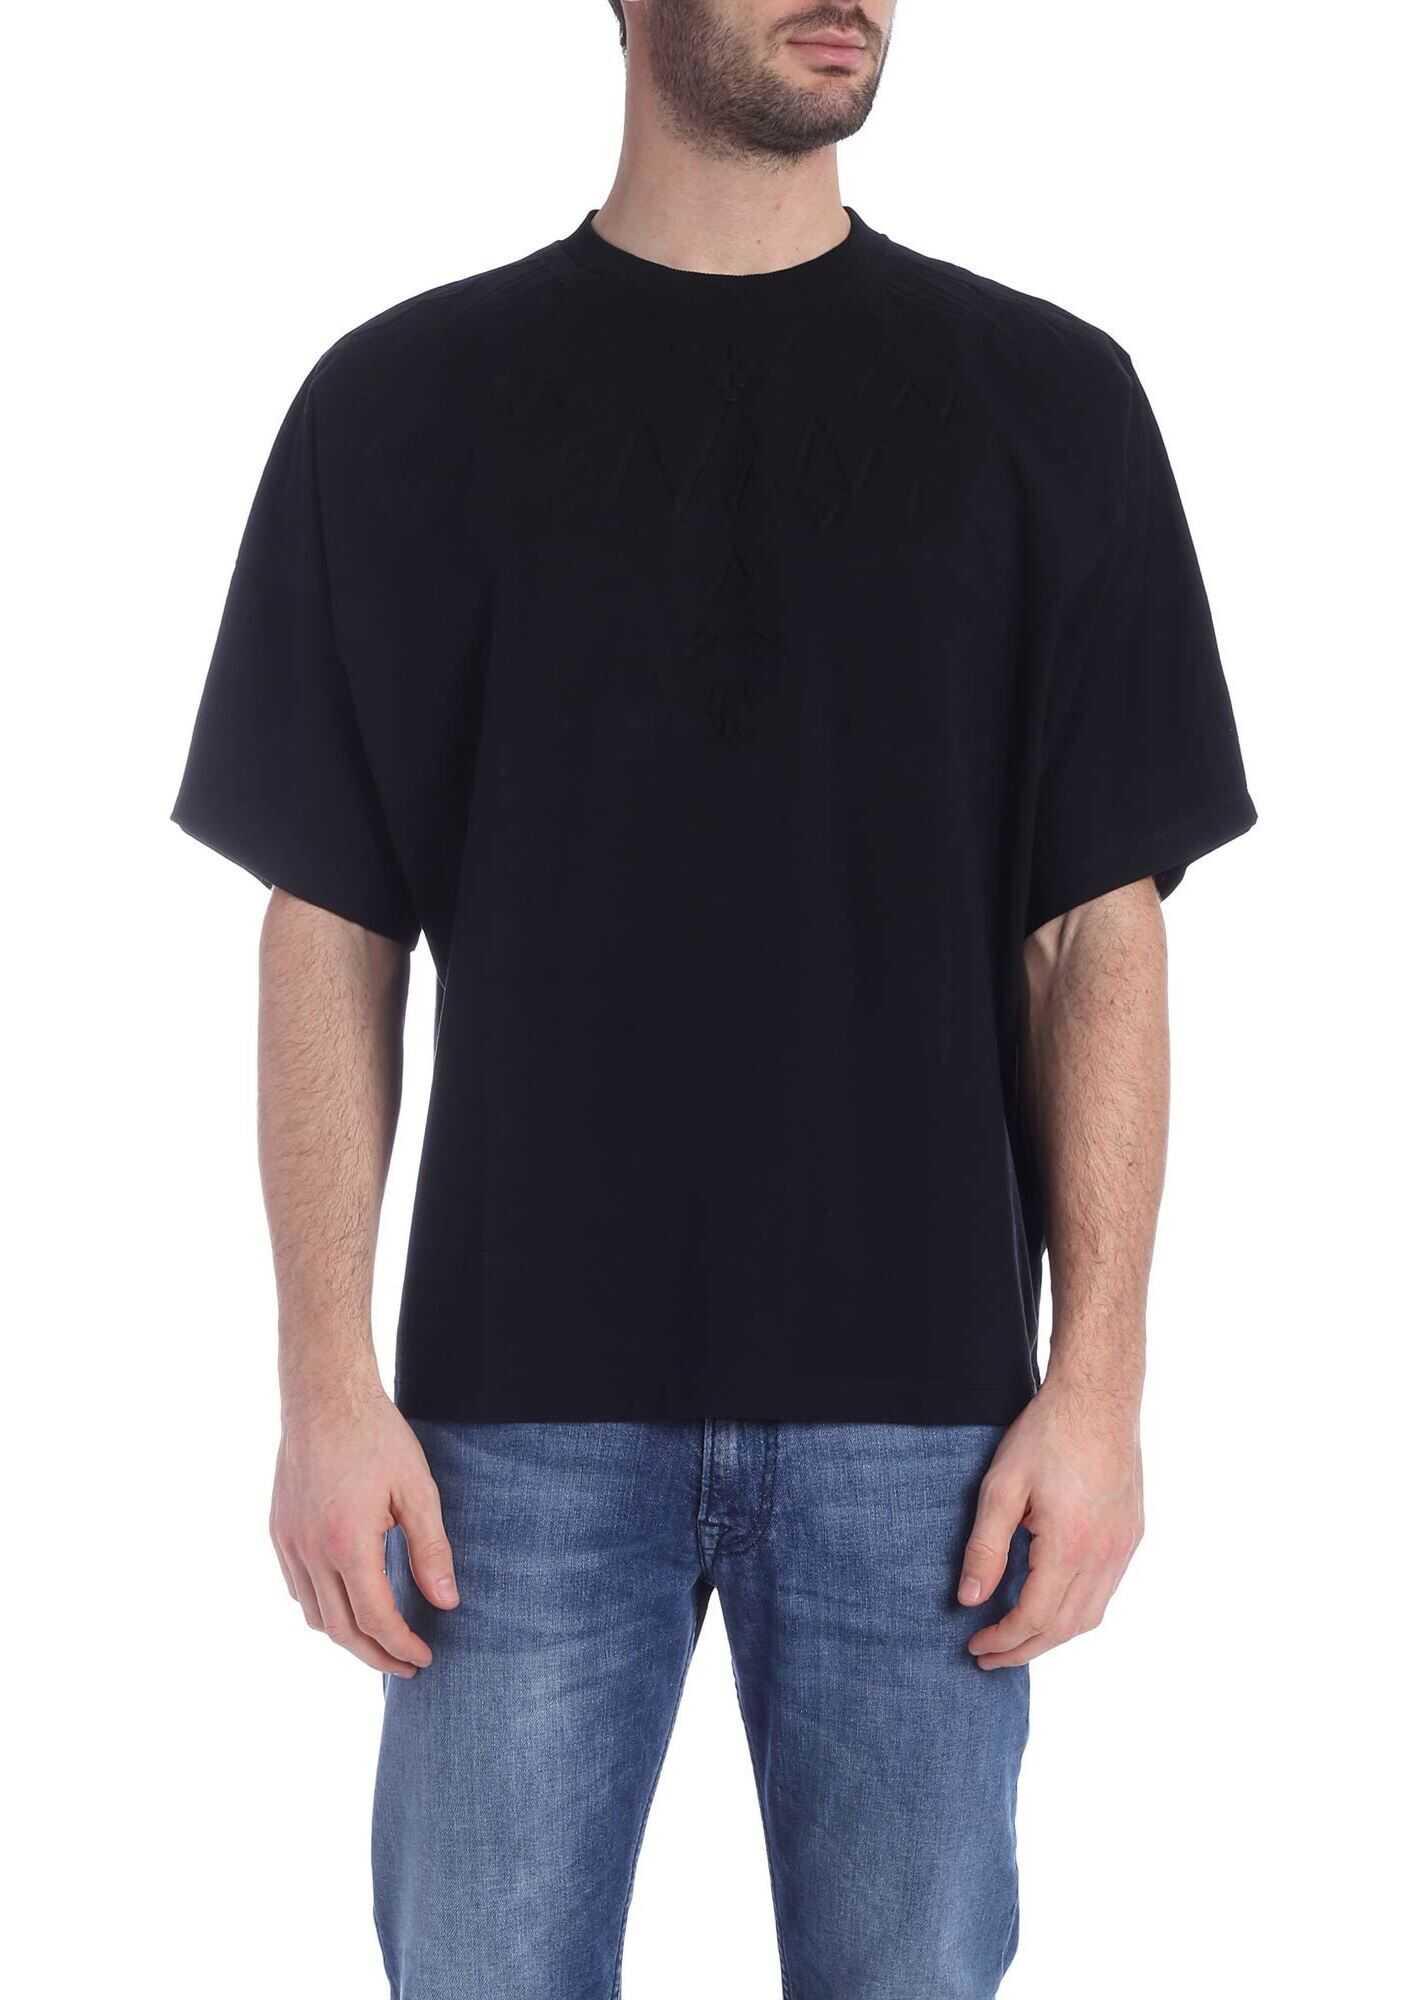 Marcelo Burlon Embossed Wings Over T-Shirt In Black Black